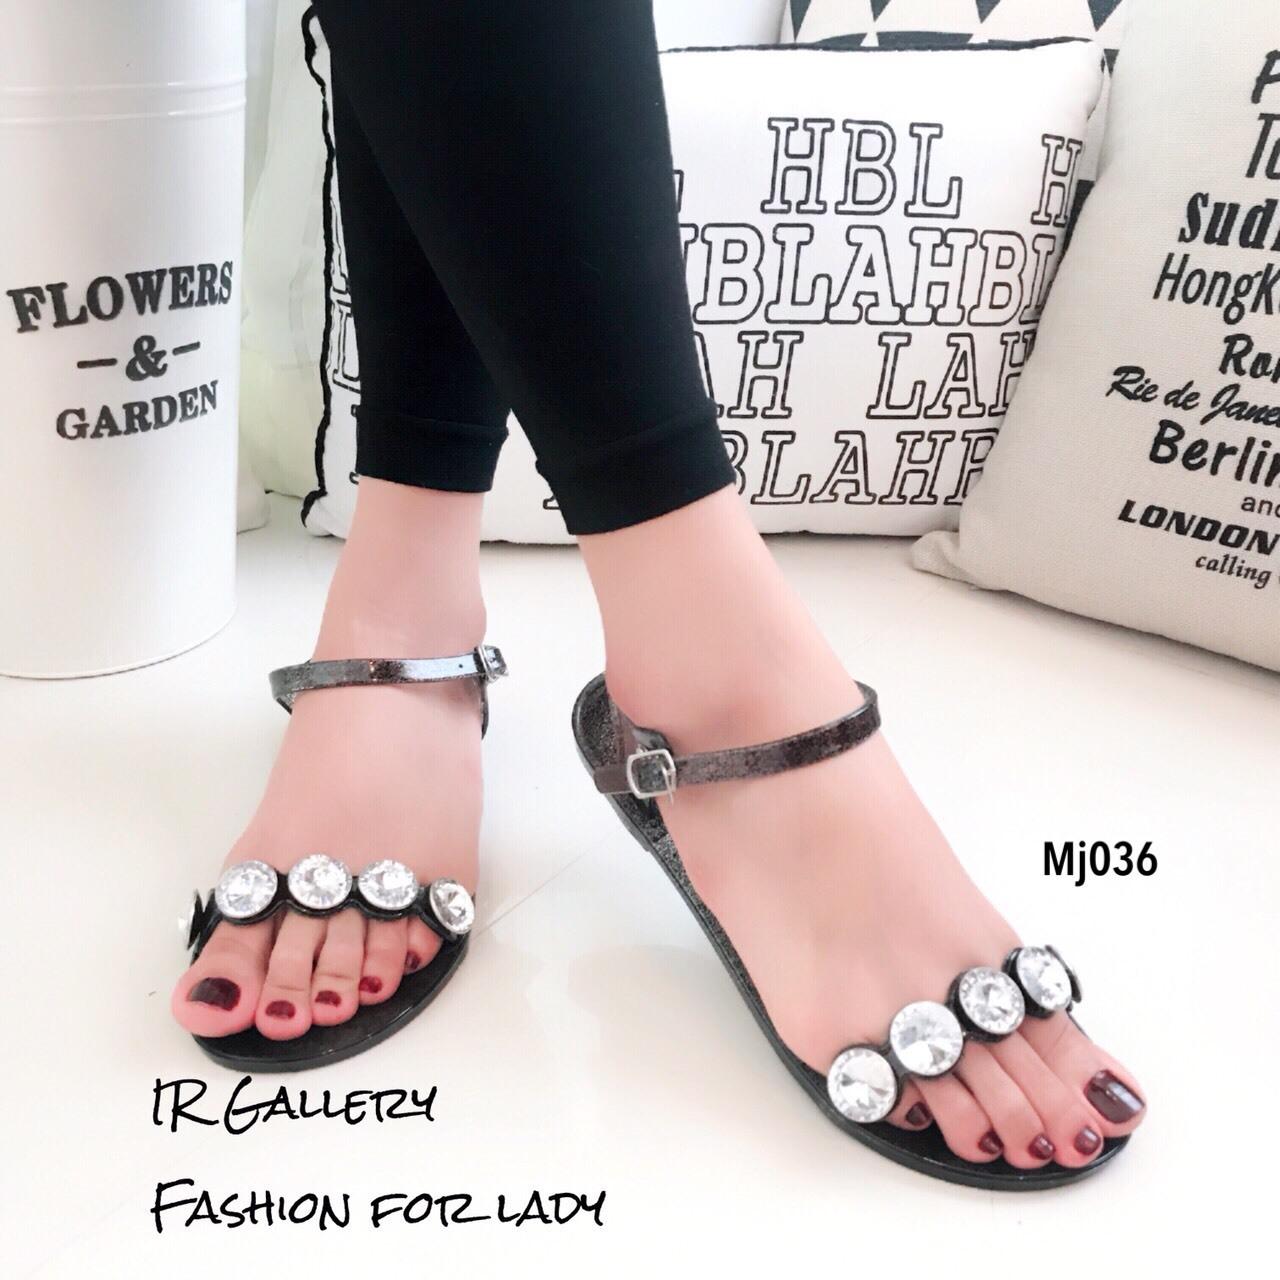 รองเท้าแตะแฟชั่น ยางซิลิโคนใสนิ่ม แต่งอะไหล่เพชรใหญ่สวยหรู งานตอกไม่หลุดง่าย สายรัดข้อตะขอเกี่ยวปรับได้ ใส่เดินในวันชิวๆ สวยและดูหรู สีดำ เงิน แมทสวยได้ทุกชุด *งานไม่มีกล่อง* (Mj036)